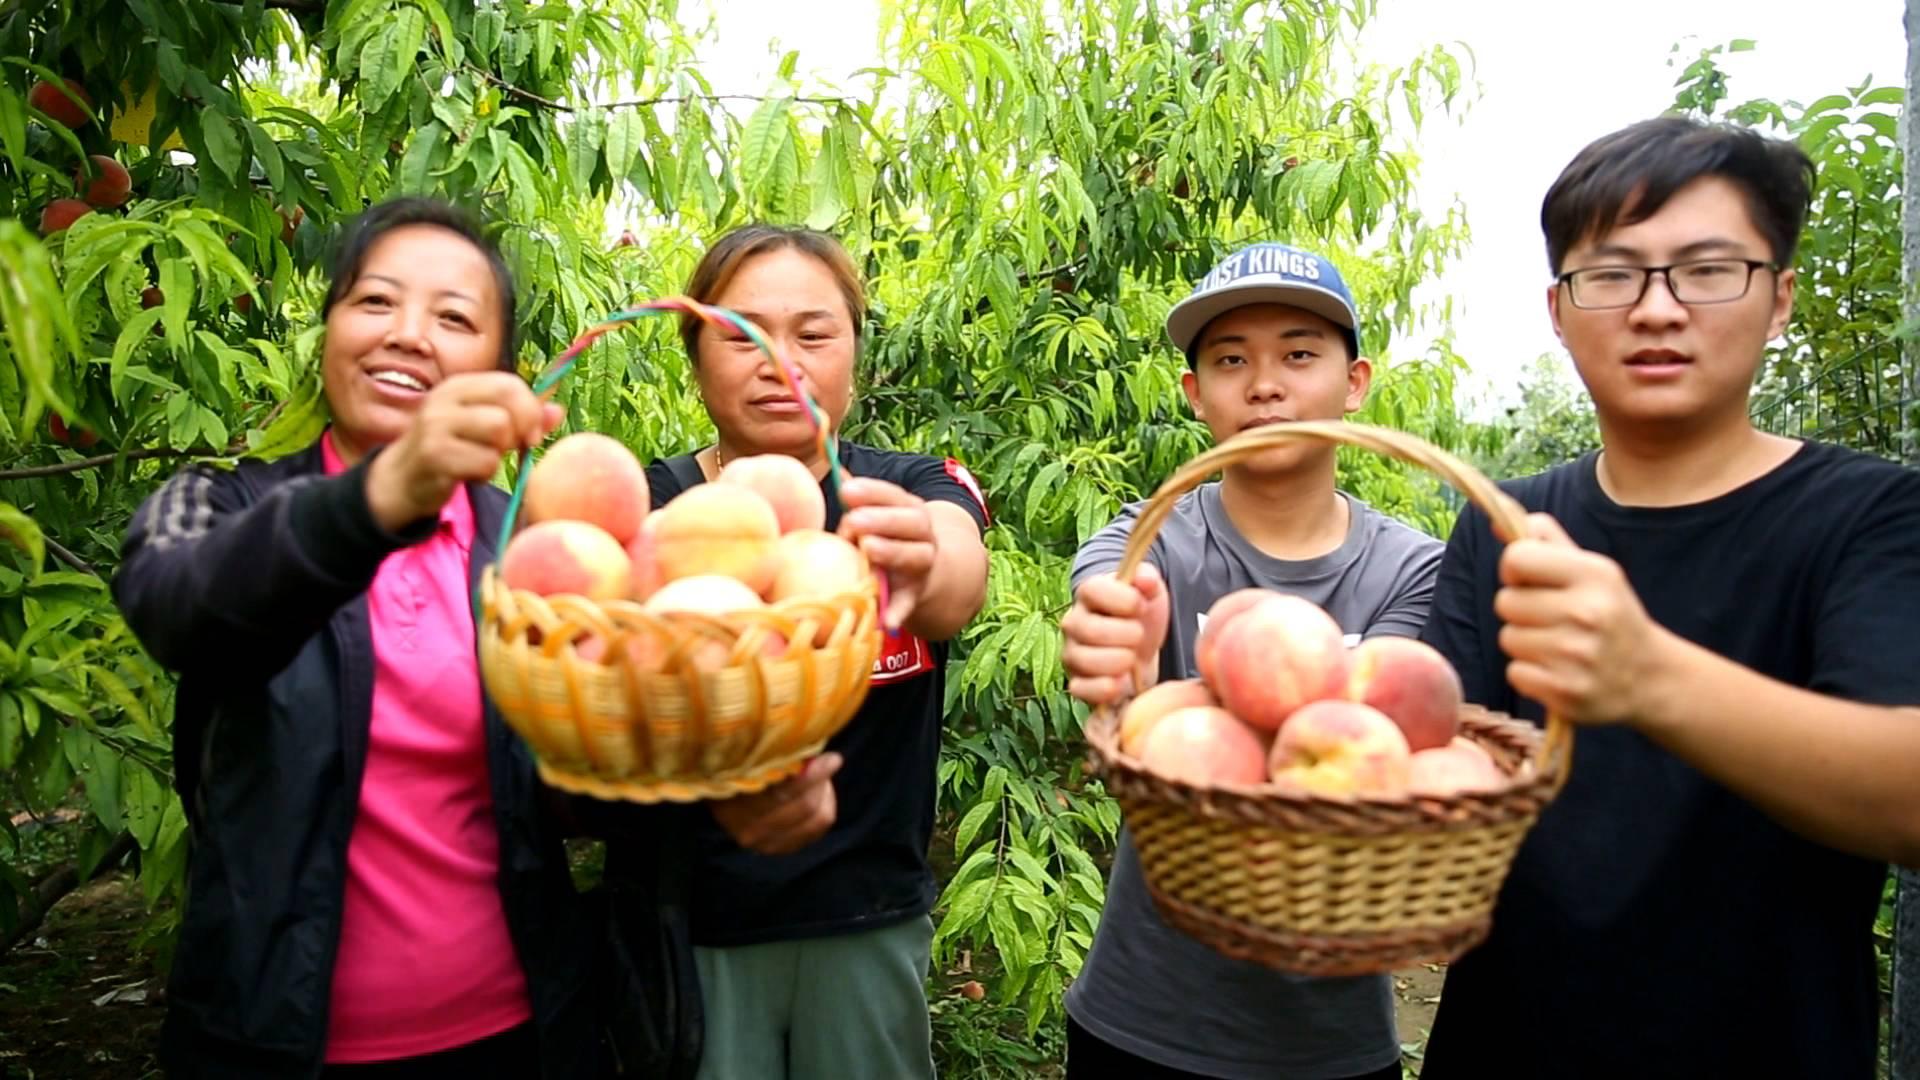 金秋画中话丨喜迎中国农民丰收节 齐鲁大地蜜桃熟了日子甜了